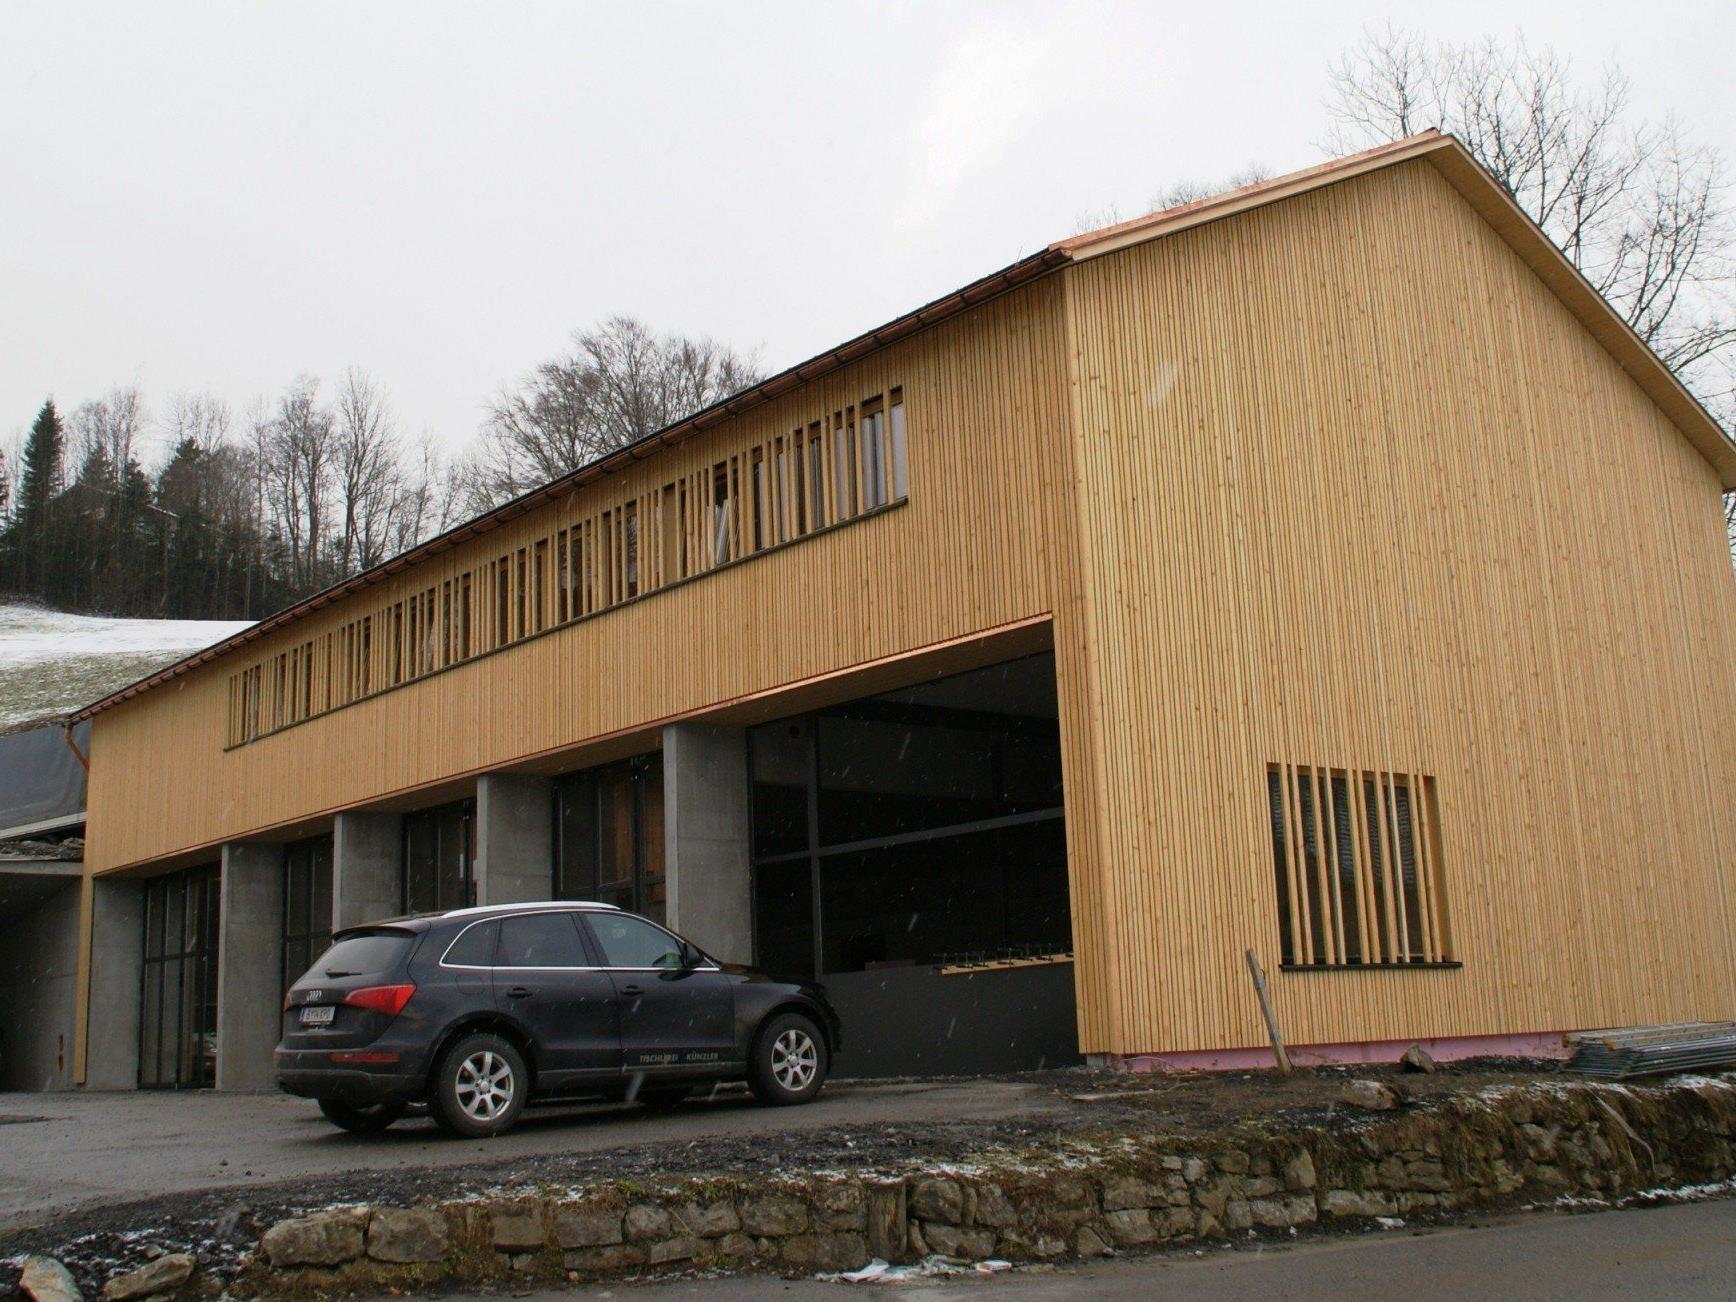 Das neue Feuerwehrhaus in Schwarzenberg erhielt eine Fassade aus heimischem Holz